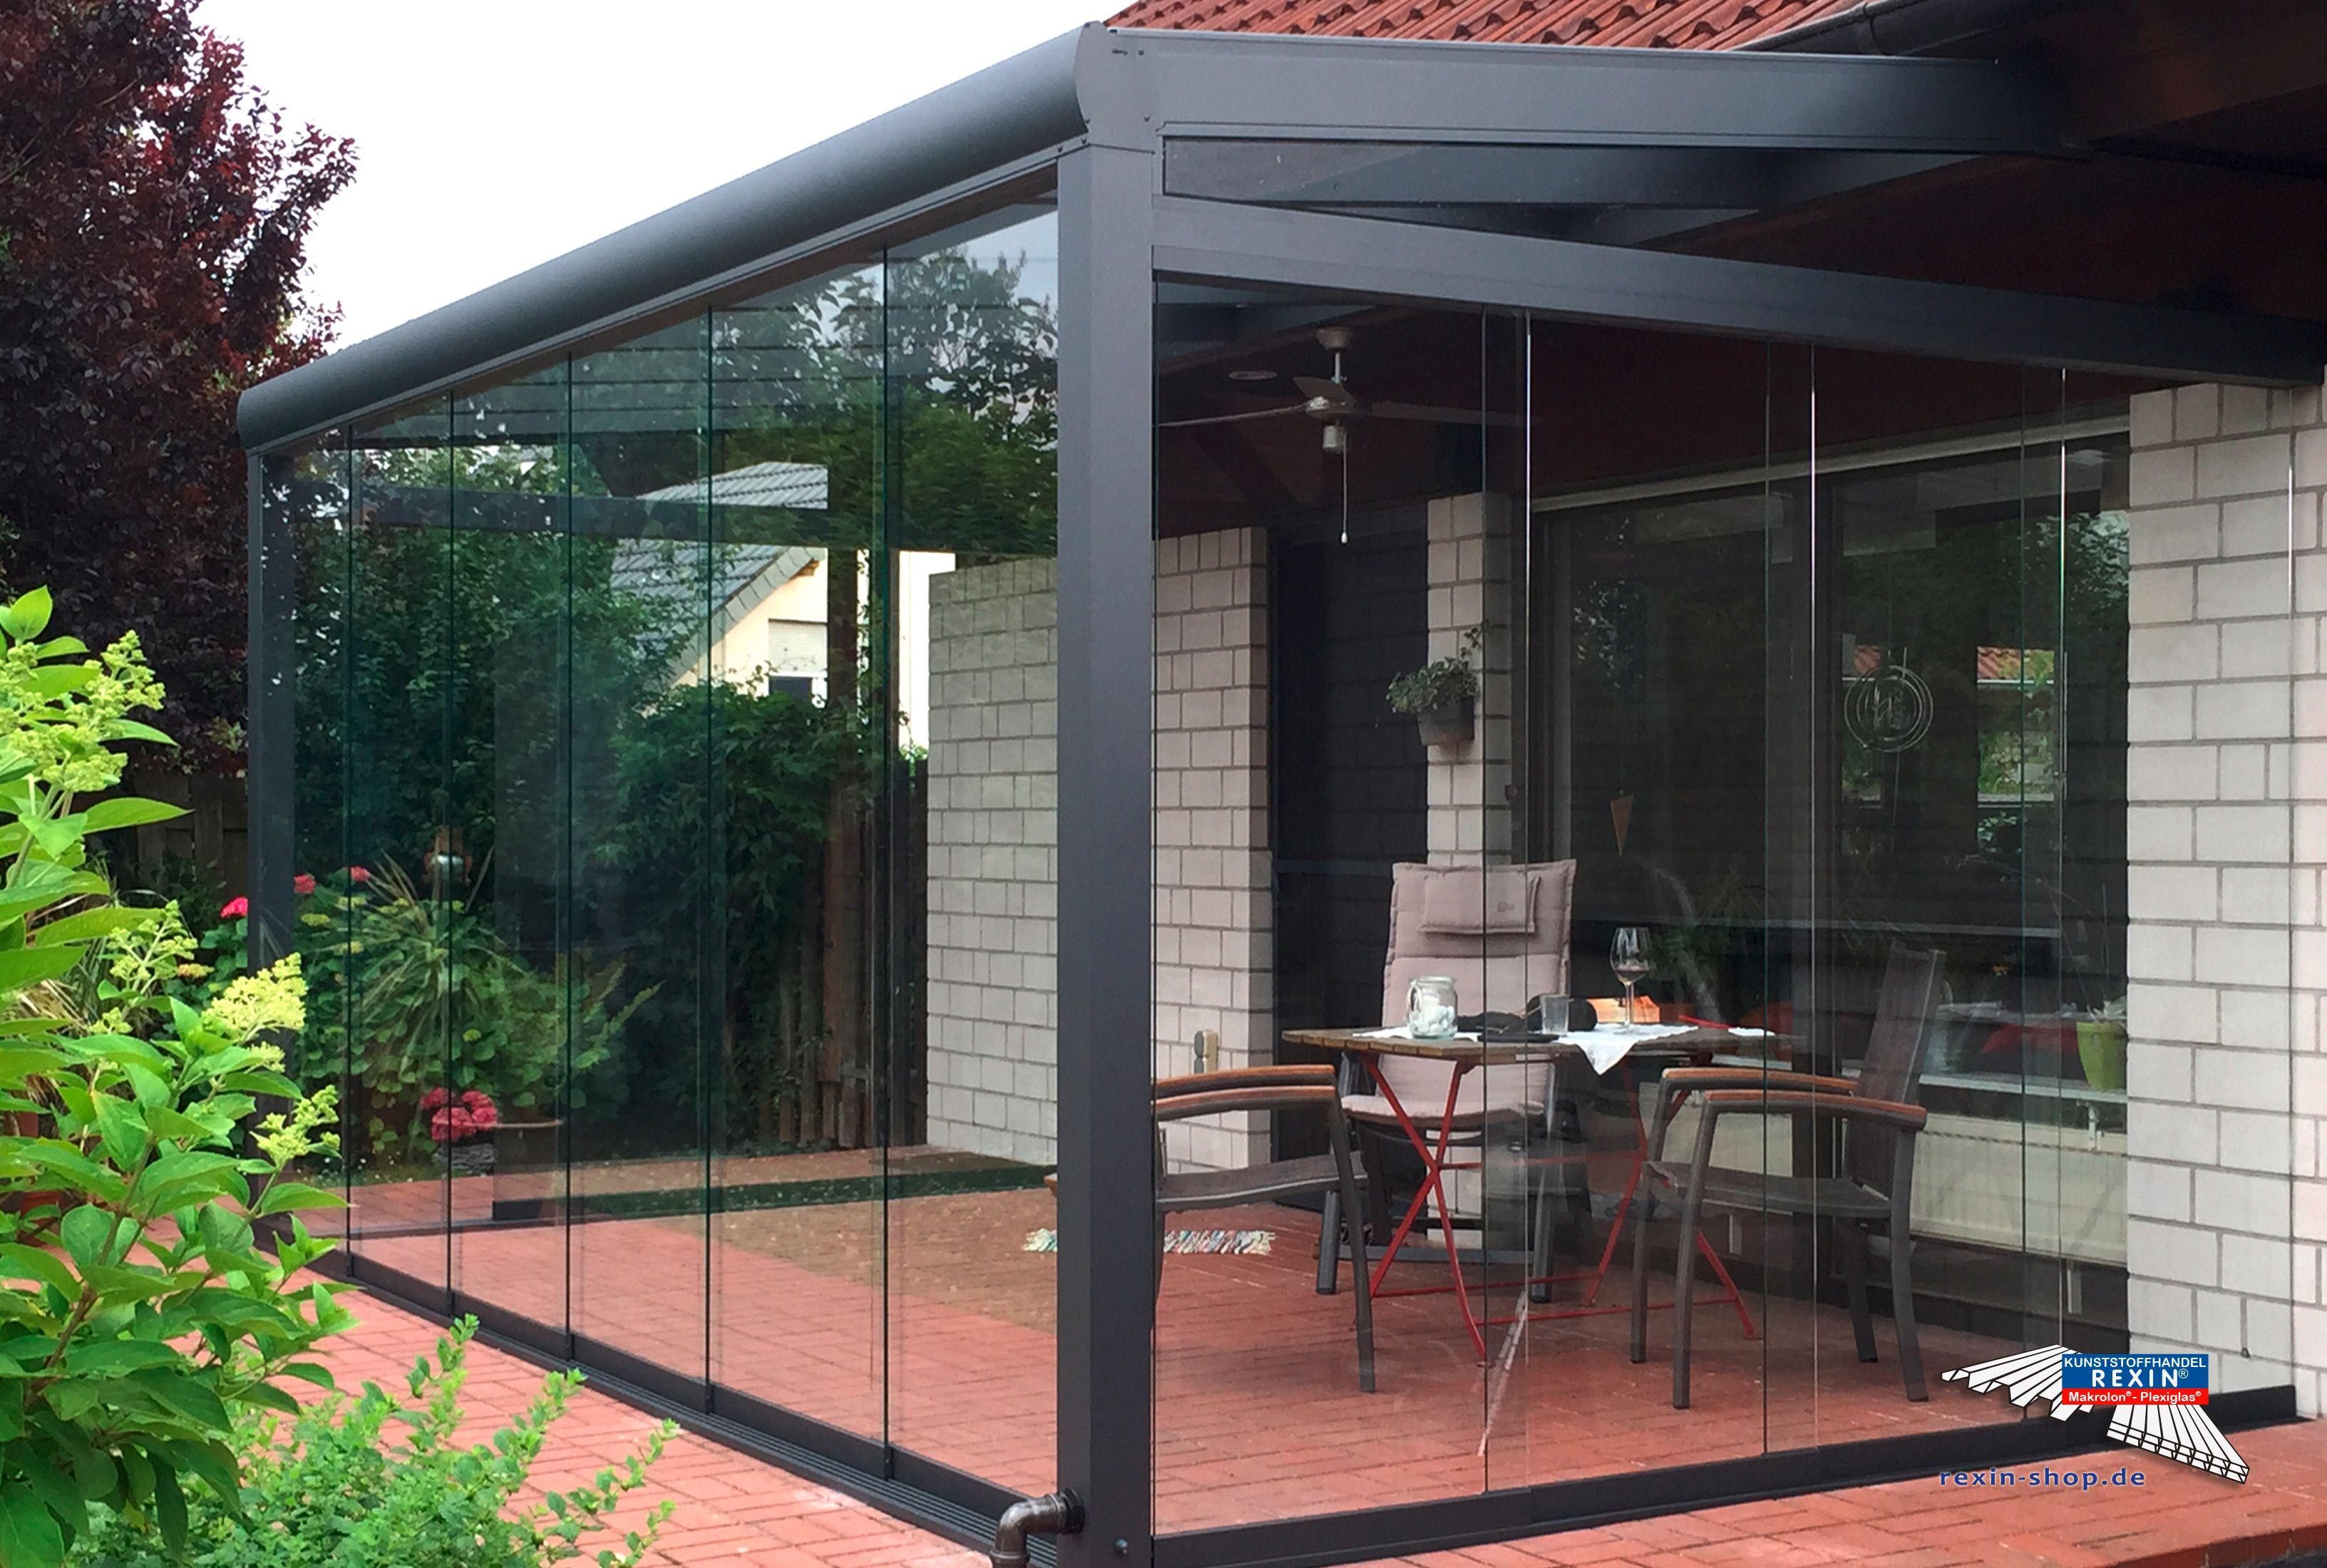 ein alu terrassendach der marke rexopremium anthrazit 5m x 2 m mit vsg eindeckung dur alu. Black Bedroom Furniture Sets. Home Design Ideas